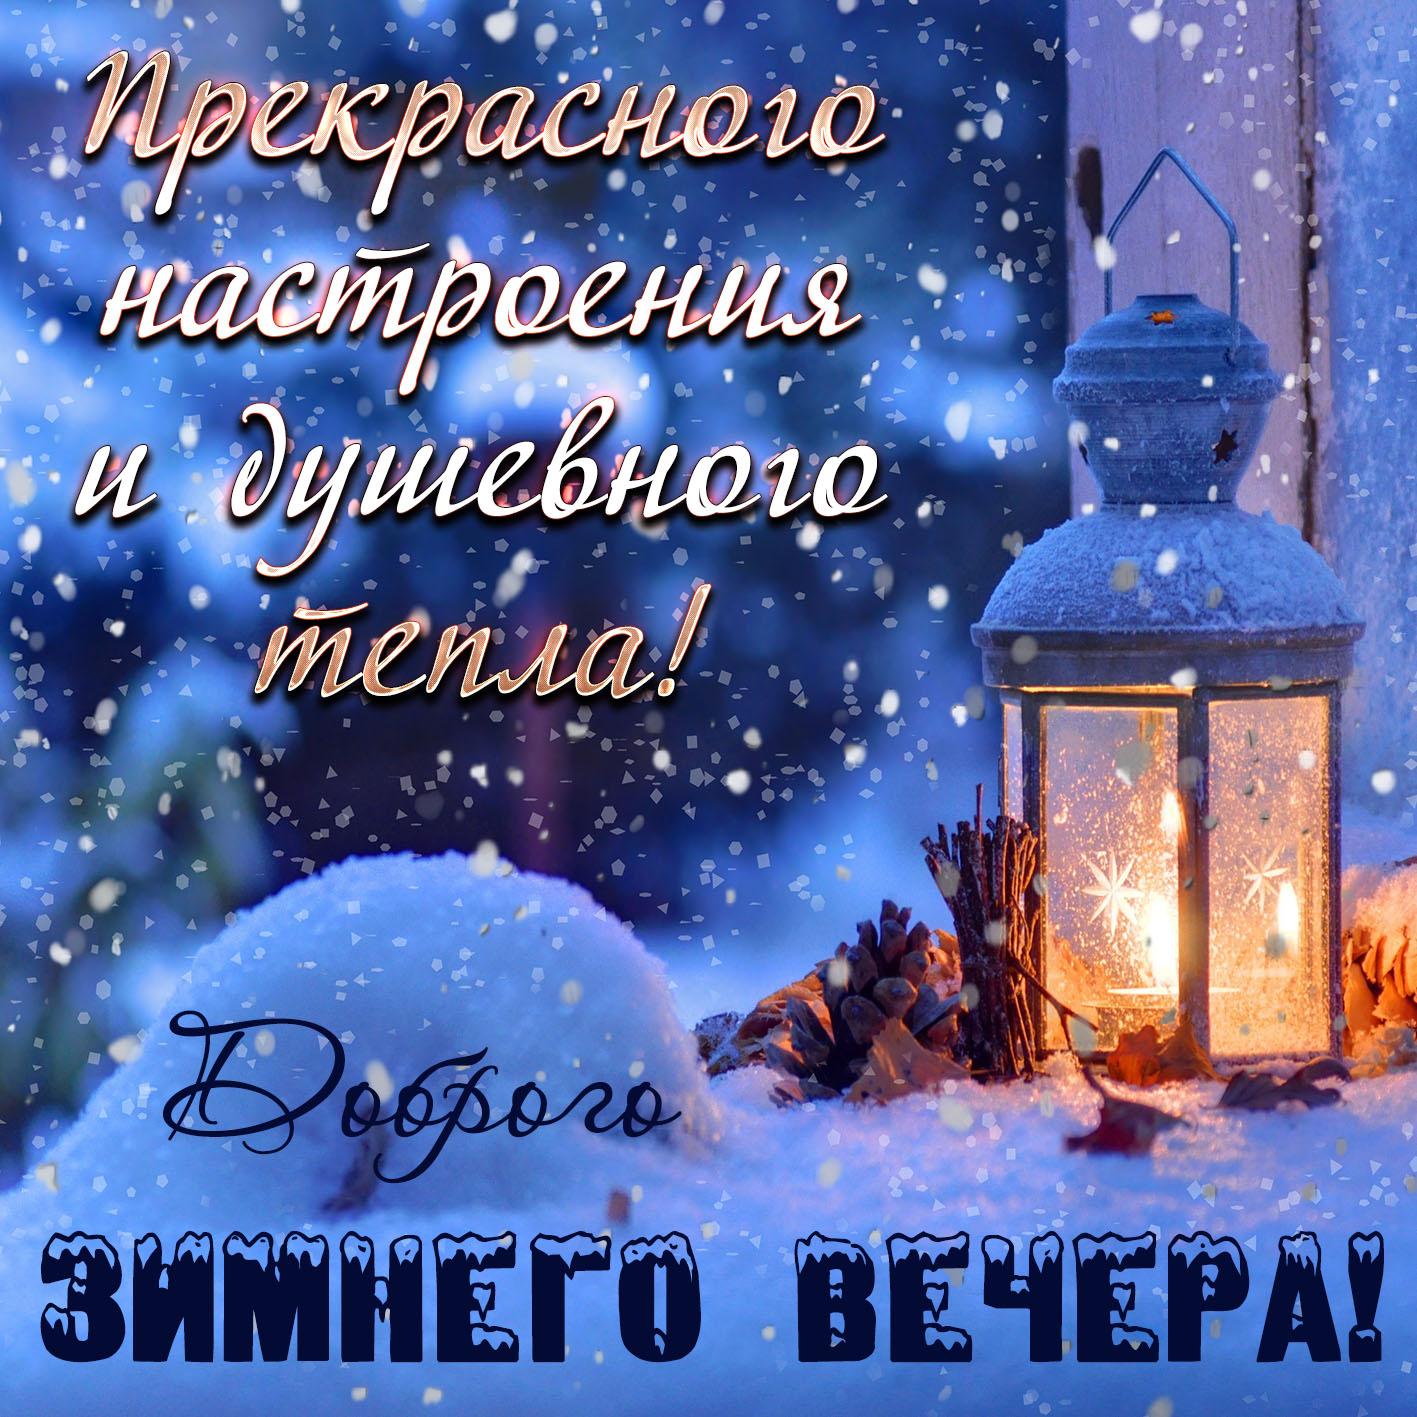 Прикольные картинки зимние доброго вечера